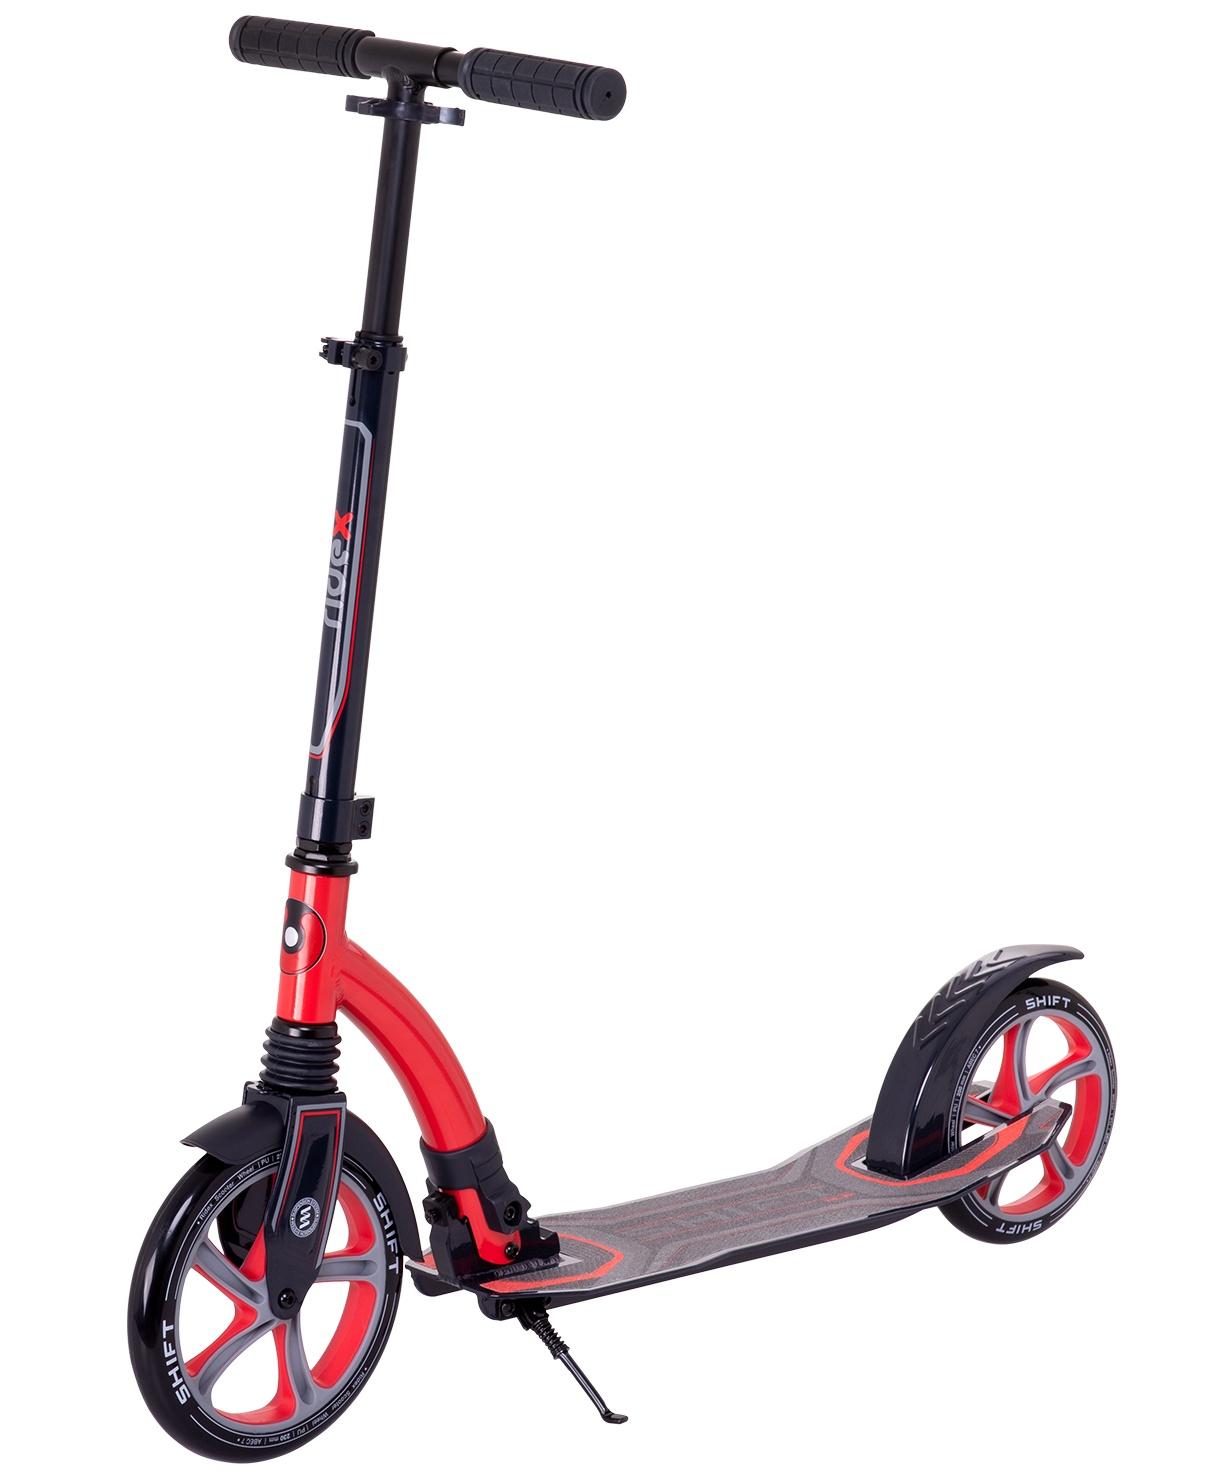 Самокат Ridex 2-колесный Shift 230/200 мм, красный самокат ridex syndicate 2 колесный цвет красный